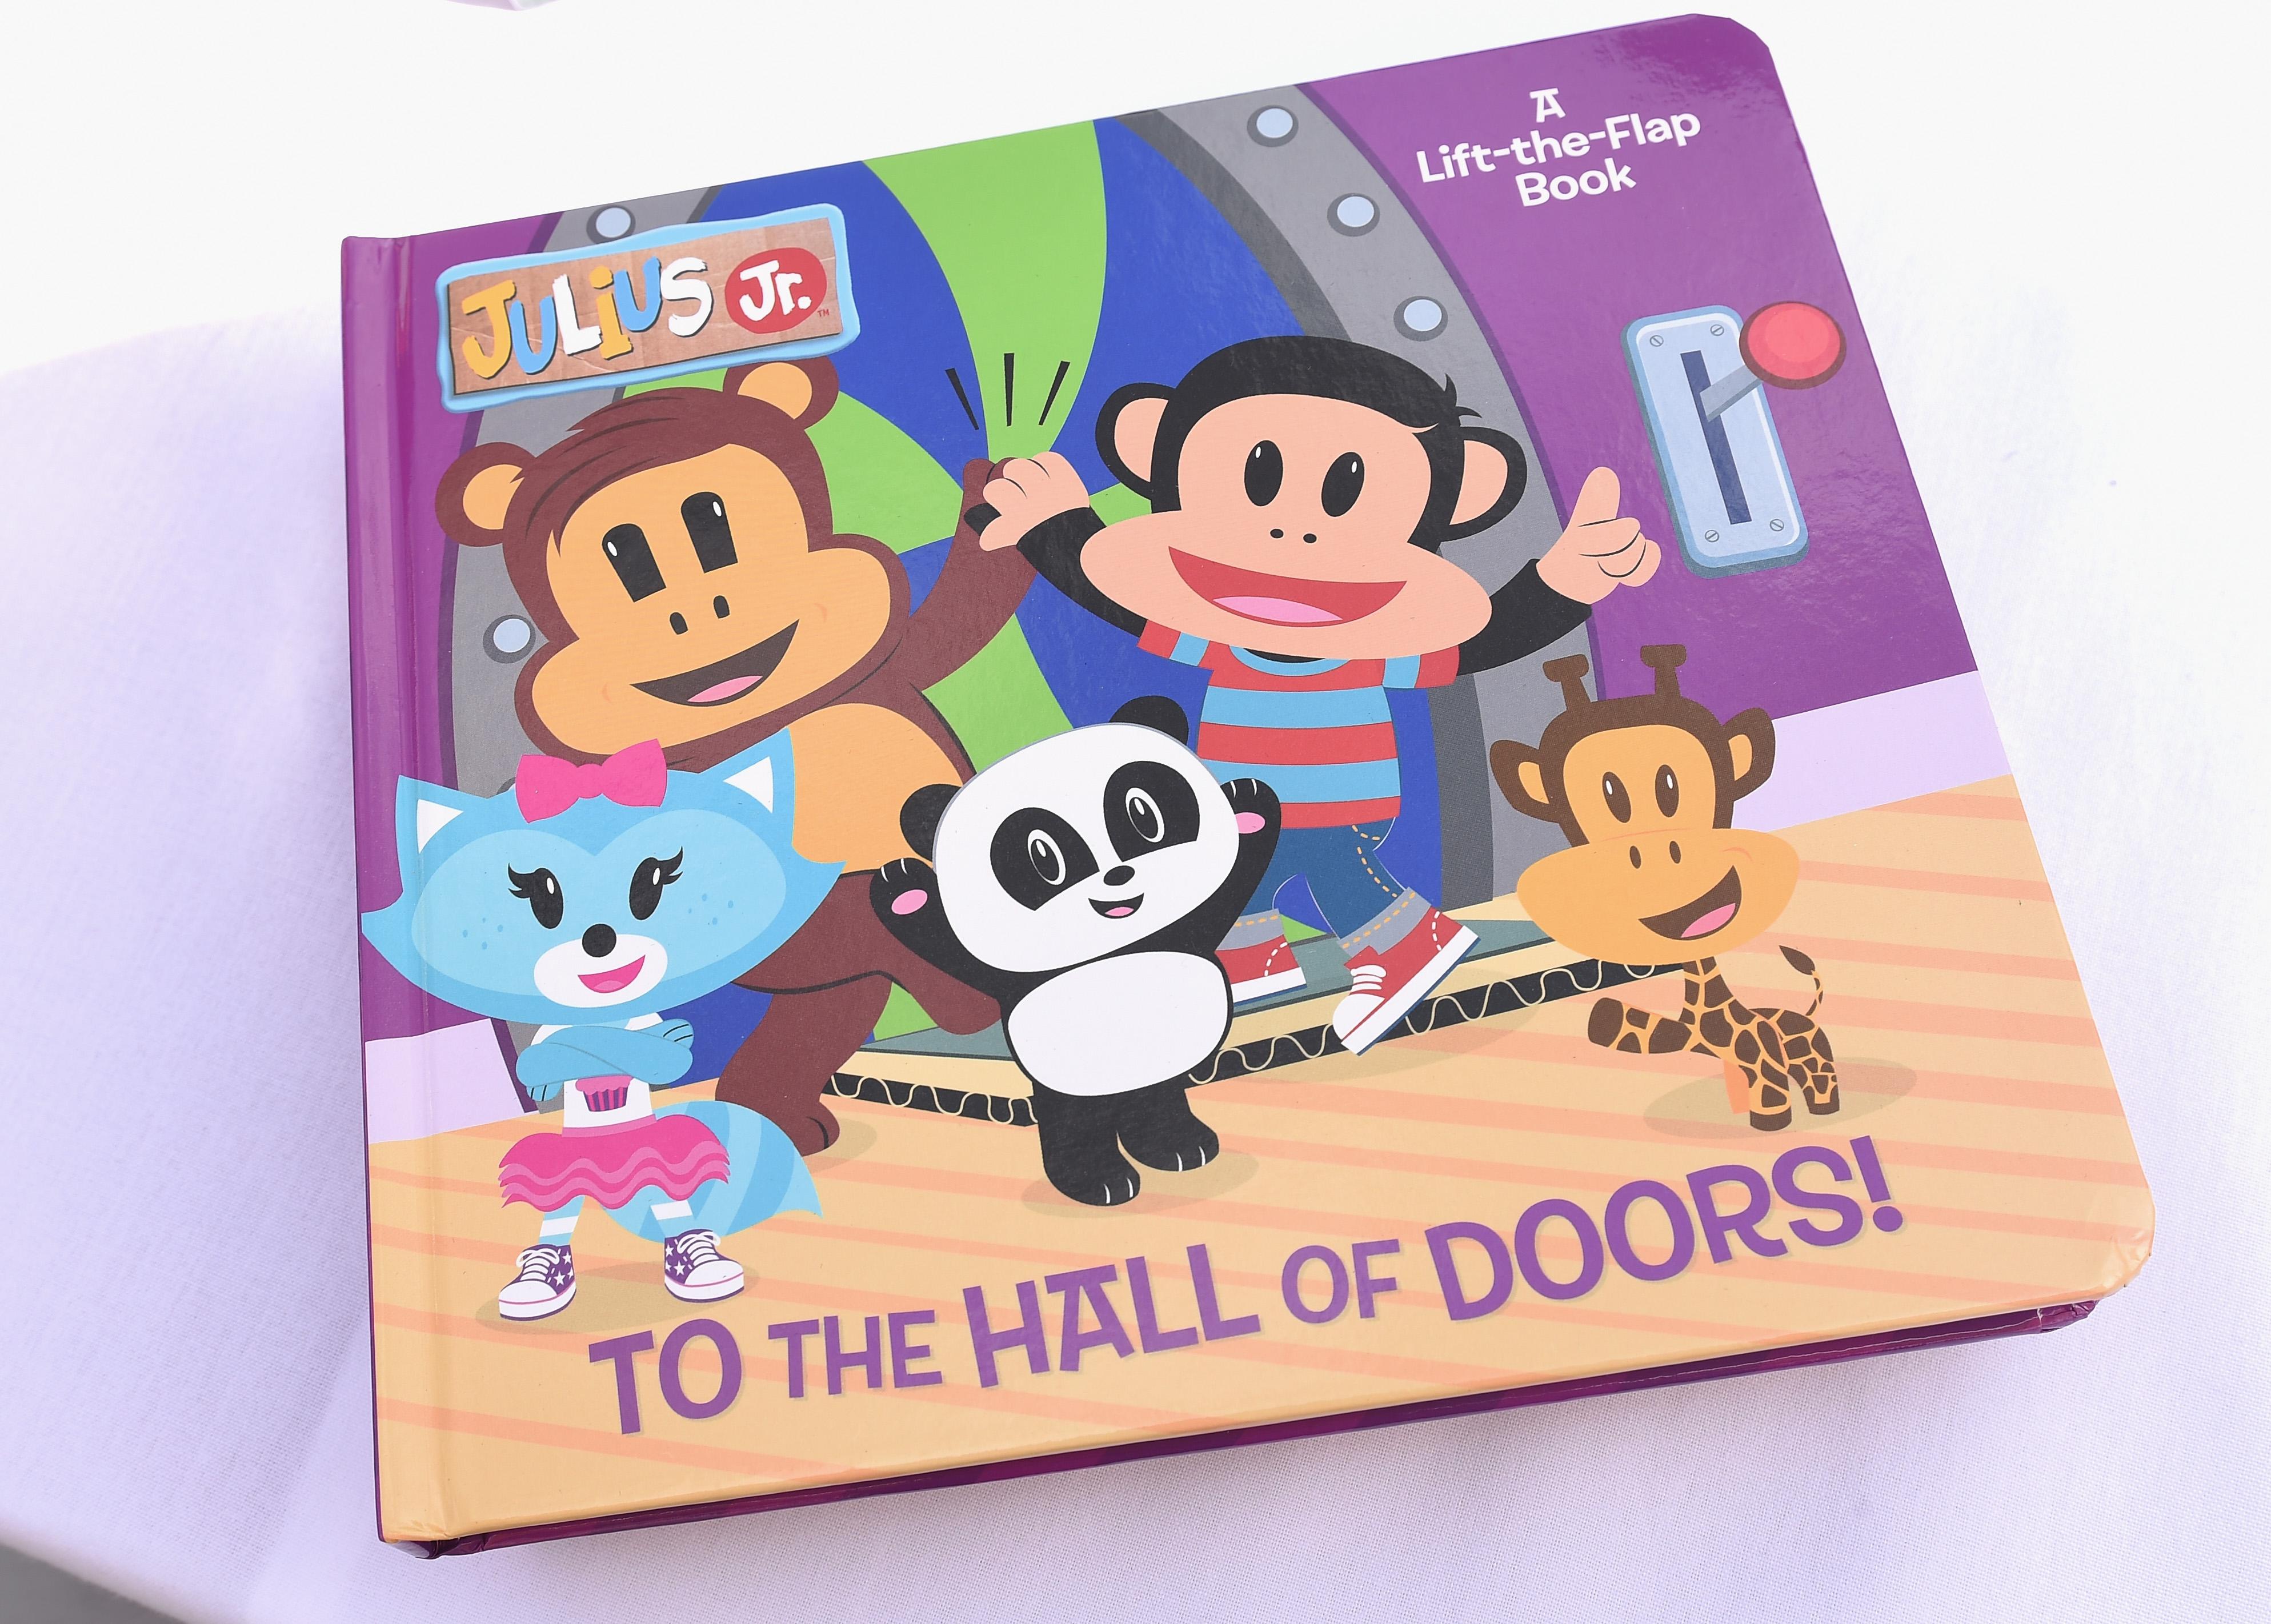 Abigail per il suo settimo compleanno vuole solo libri da regalare ai bimbi malati